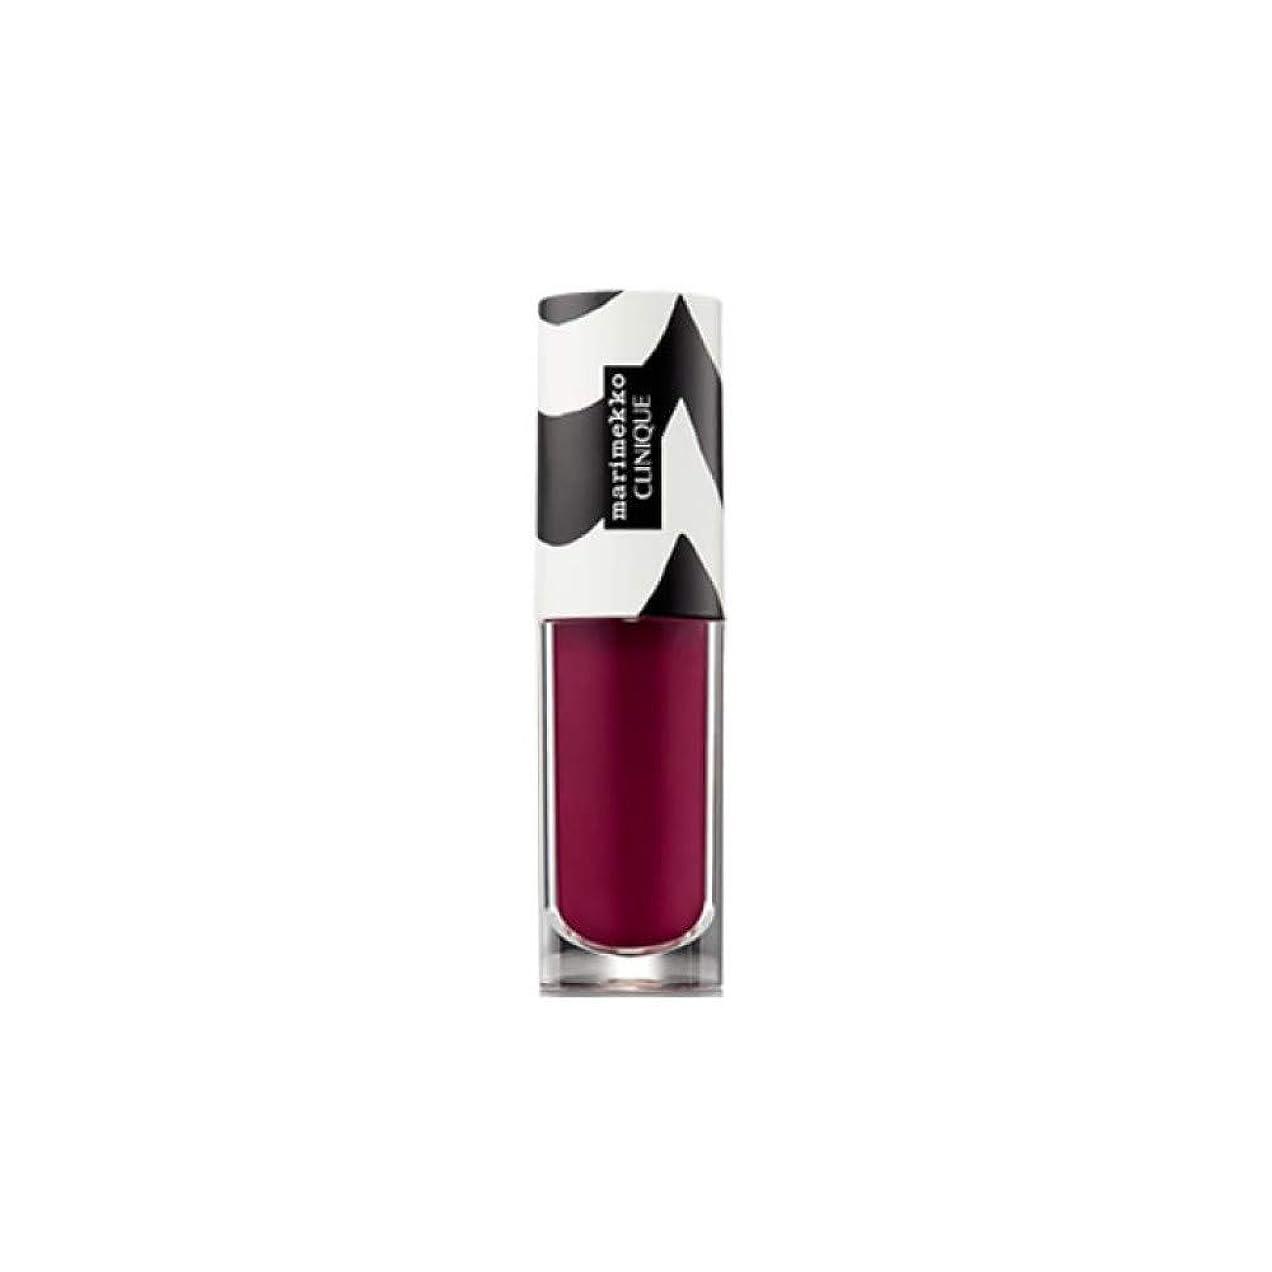 小さいナチュラル透けるクリニーク Pop Splash Lip Gloss + Hydration - # 19 Vino Pop 4.3ml/0.14oz並行輸入品